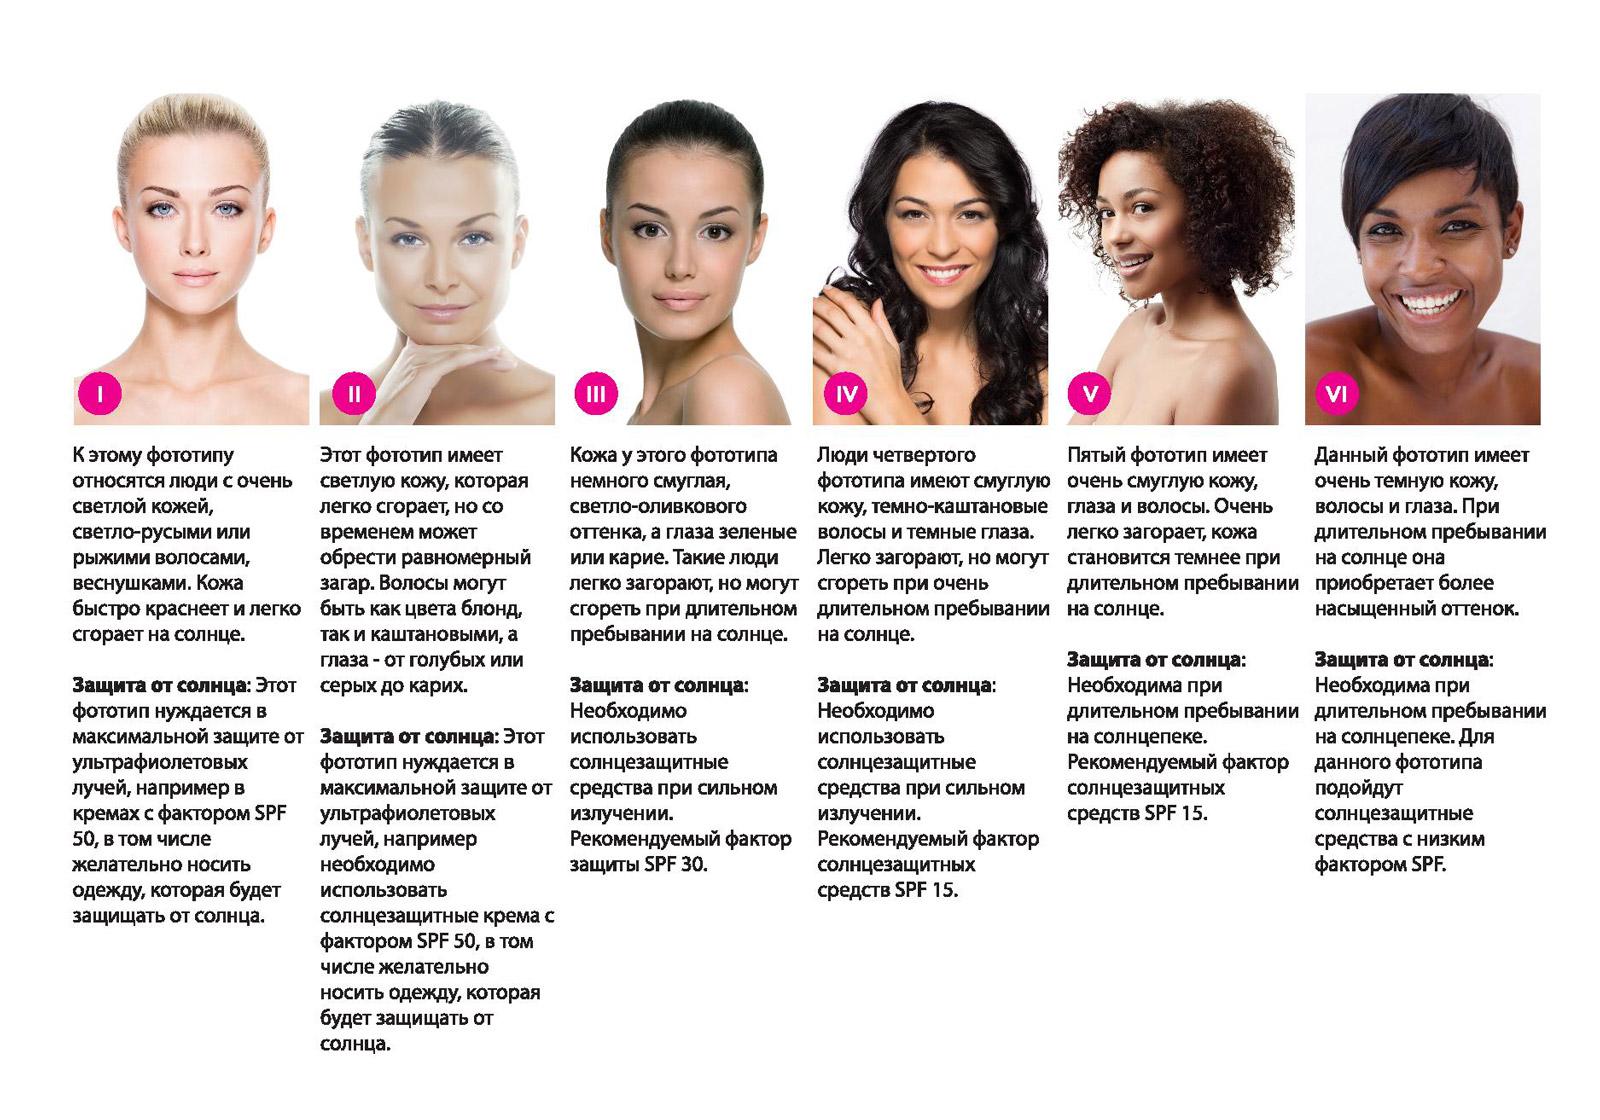 Как выбрать солнцезащитный крем для разных фототипов кожи?